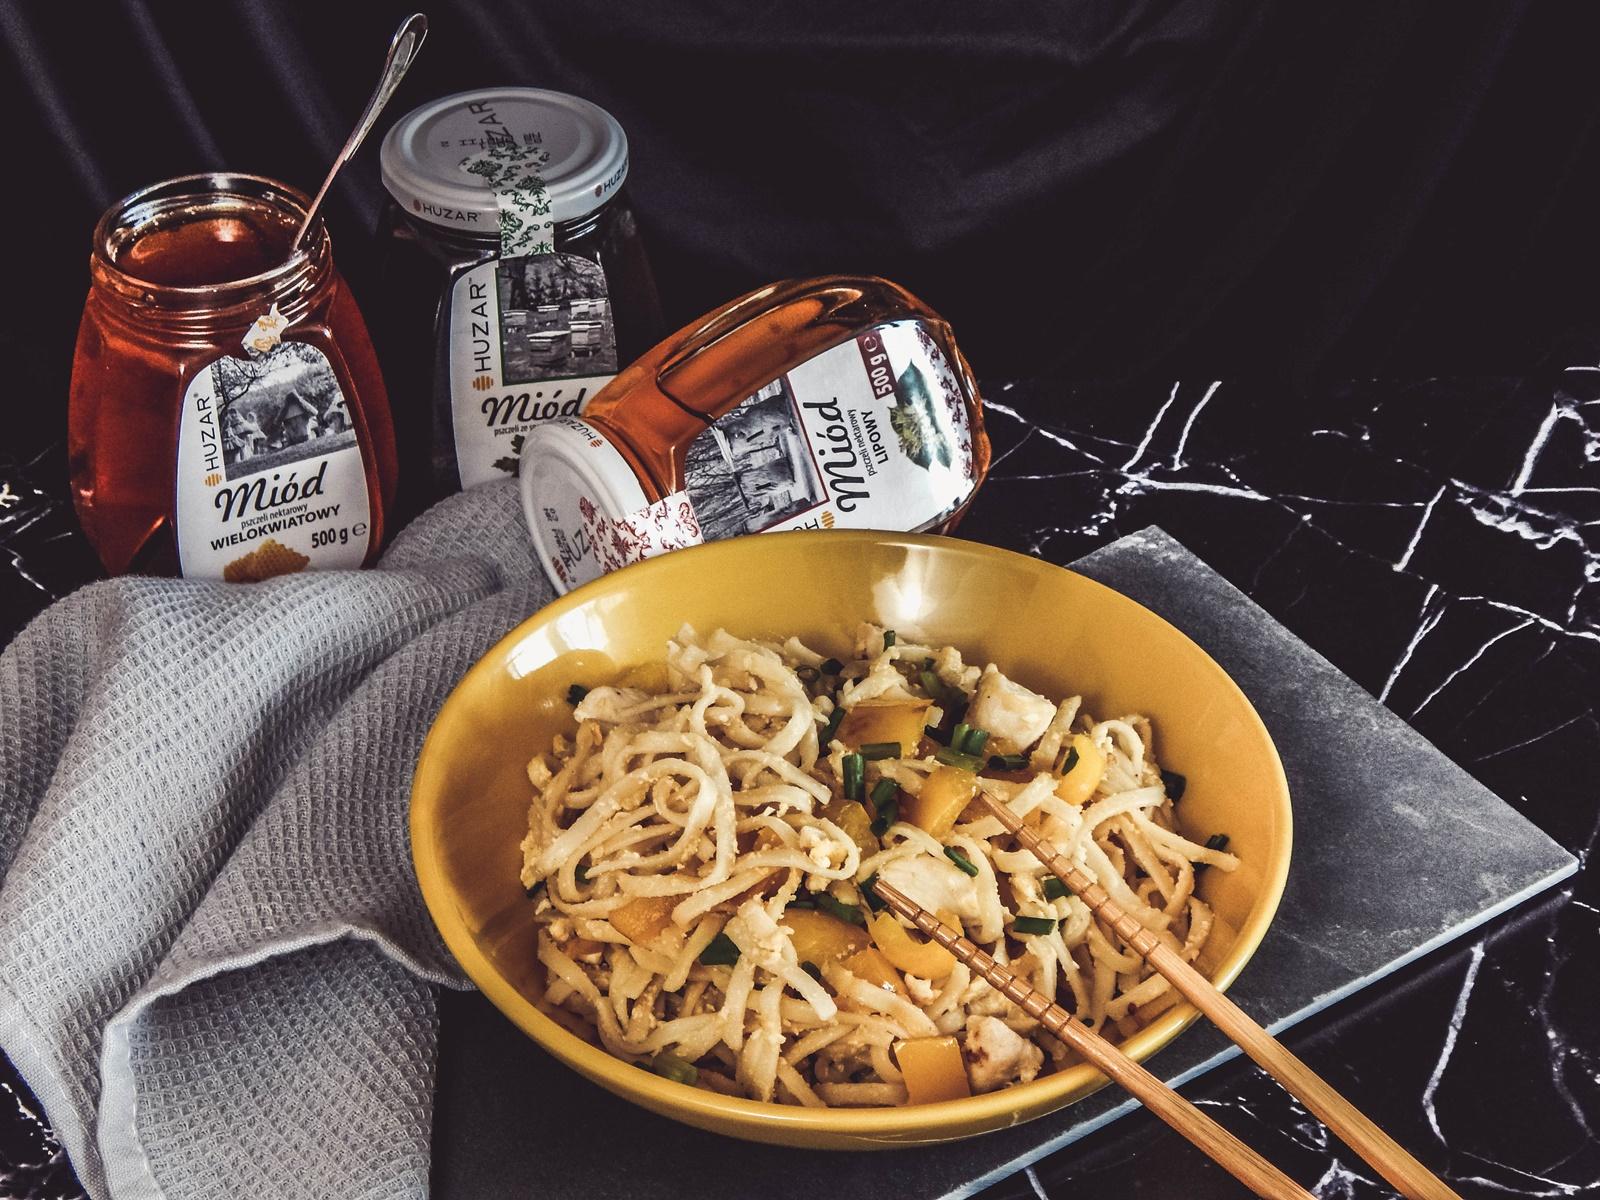 1 przepis na szybki obiad z miodem pad thai łatwy przepis szybka kuchnia azjatycka przepisy na lekki obiad z makaronem